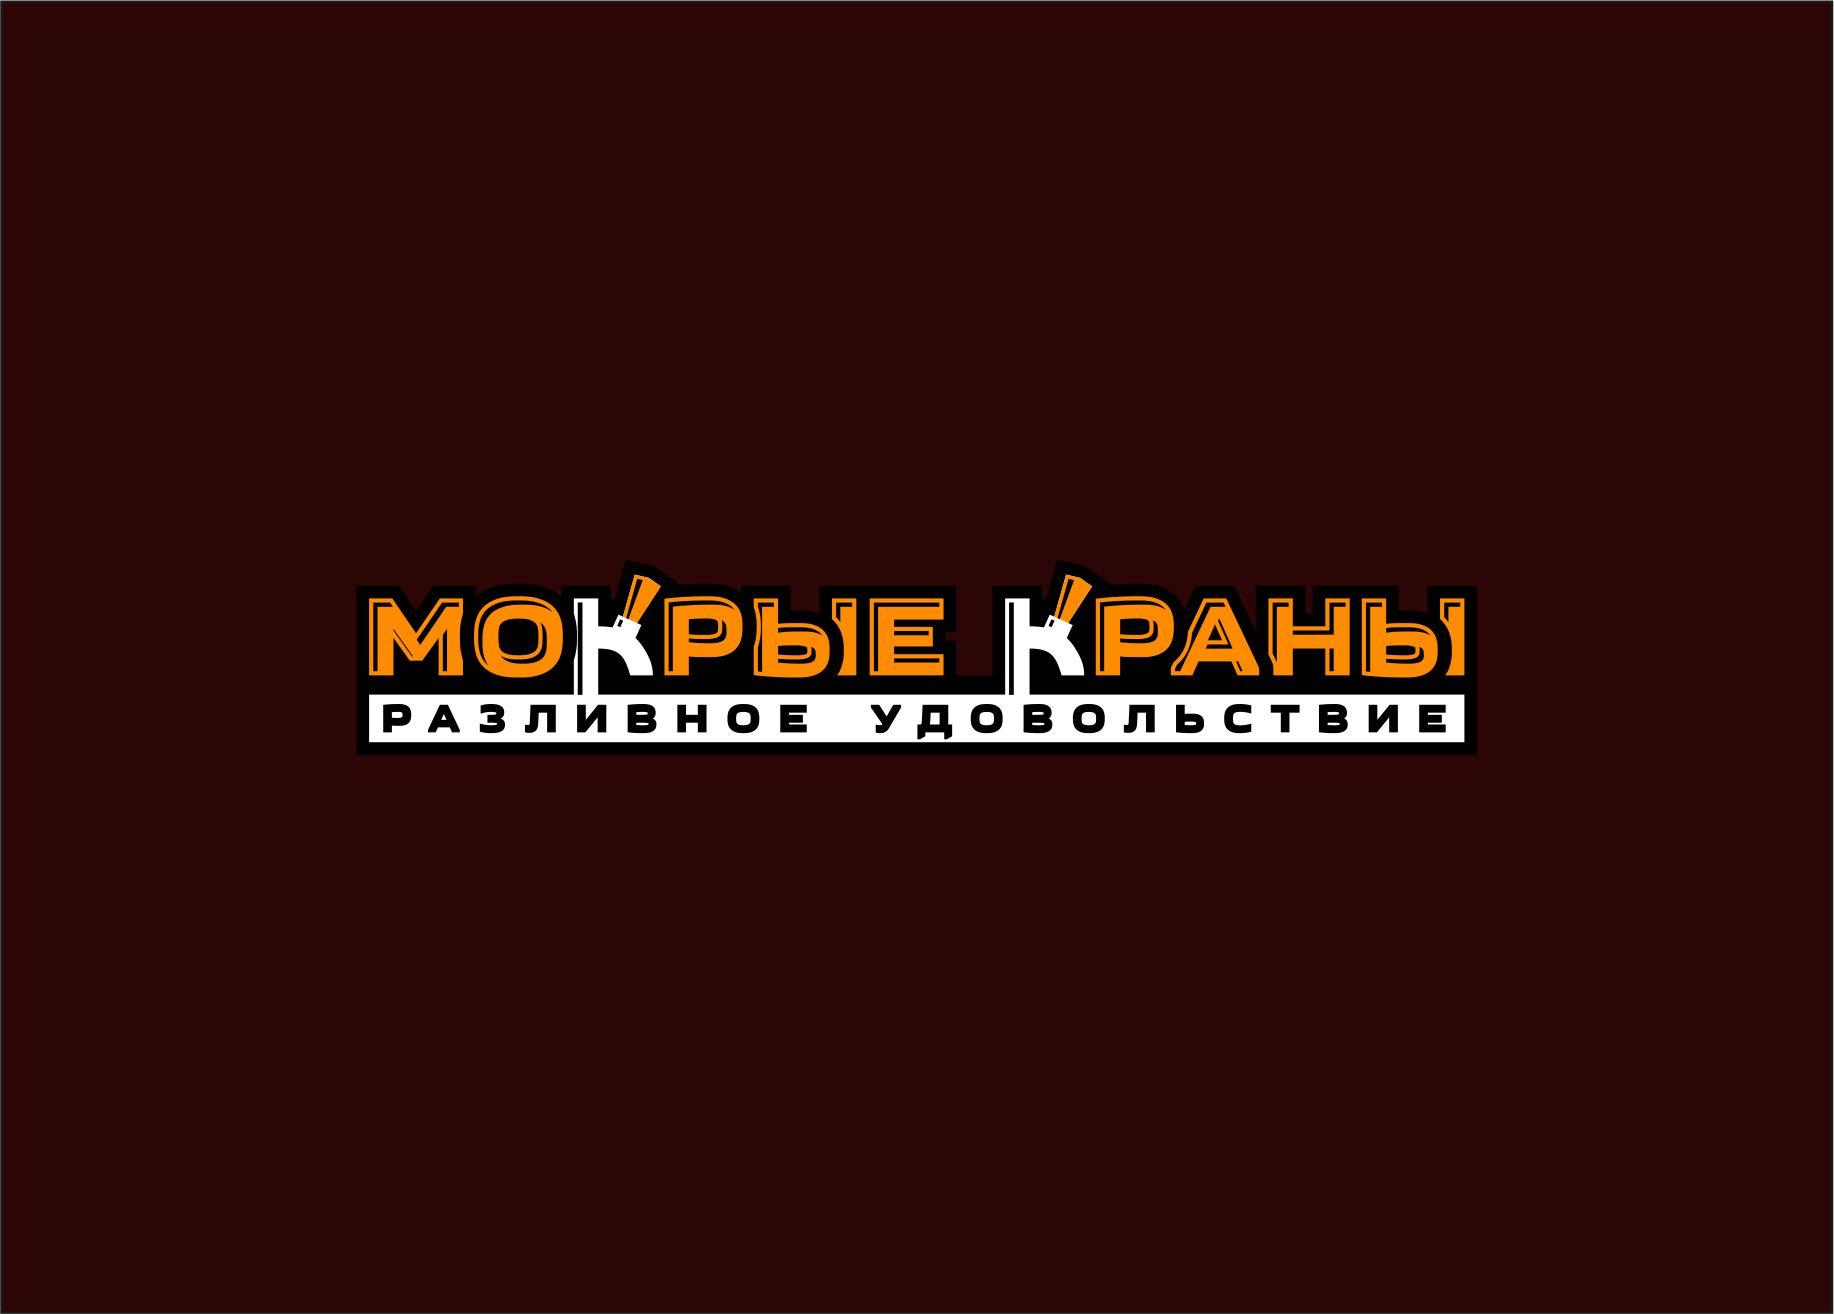 Вывеска/логотип для пивного магазина фото f_1696024fd22aac94.jpg